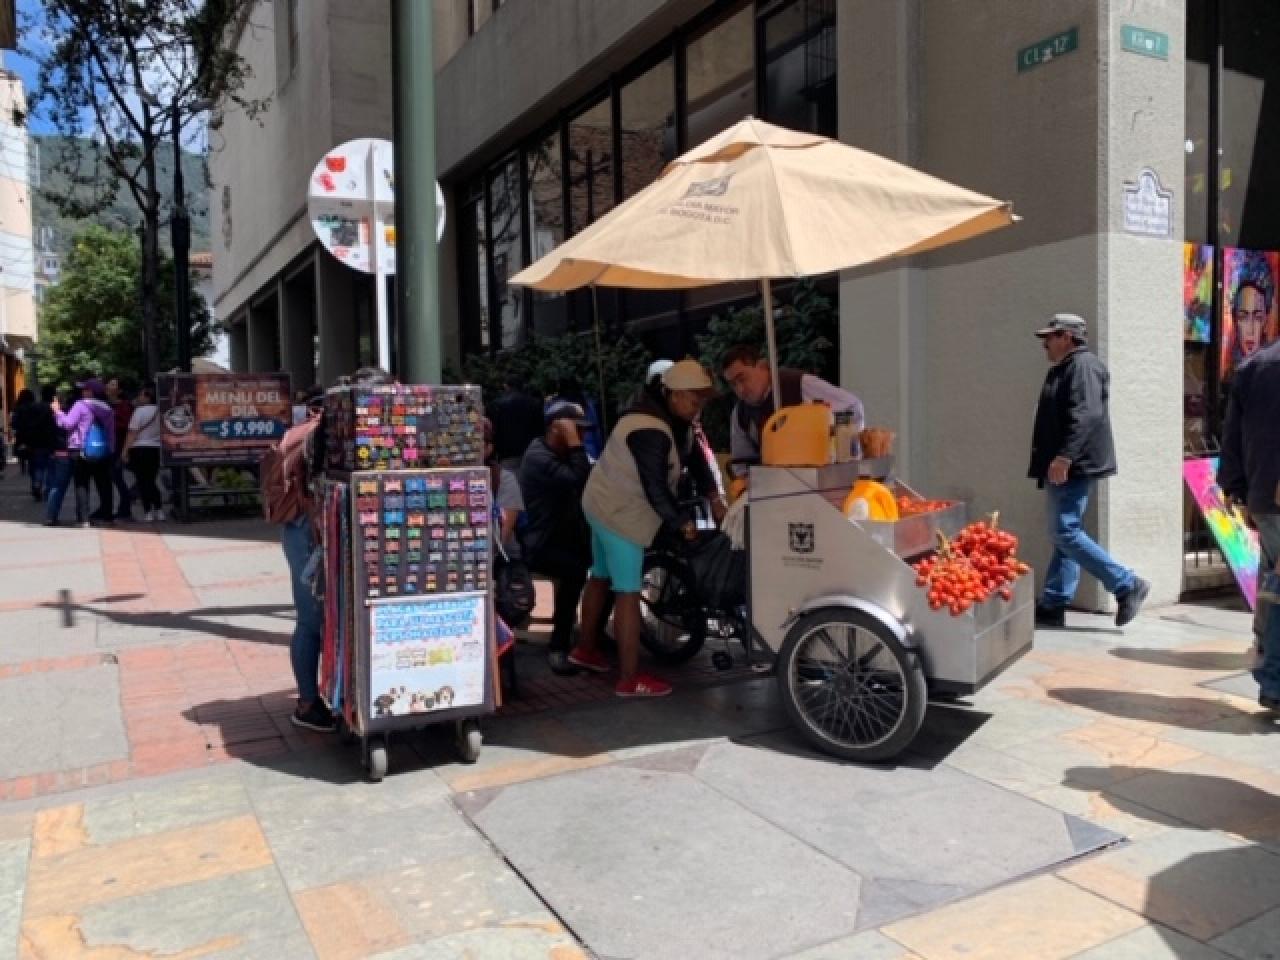 Con nuevo mobiliario, los vendedores ambulantes buscan organizar el espacio público